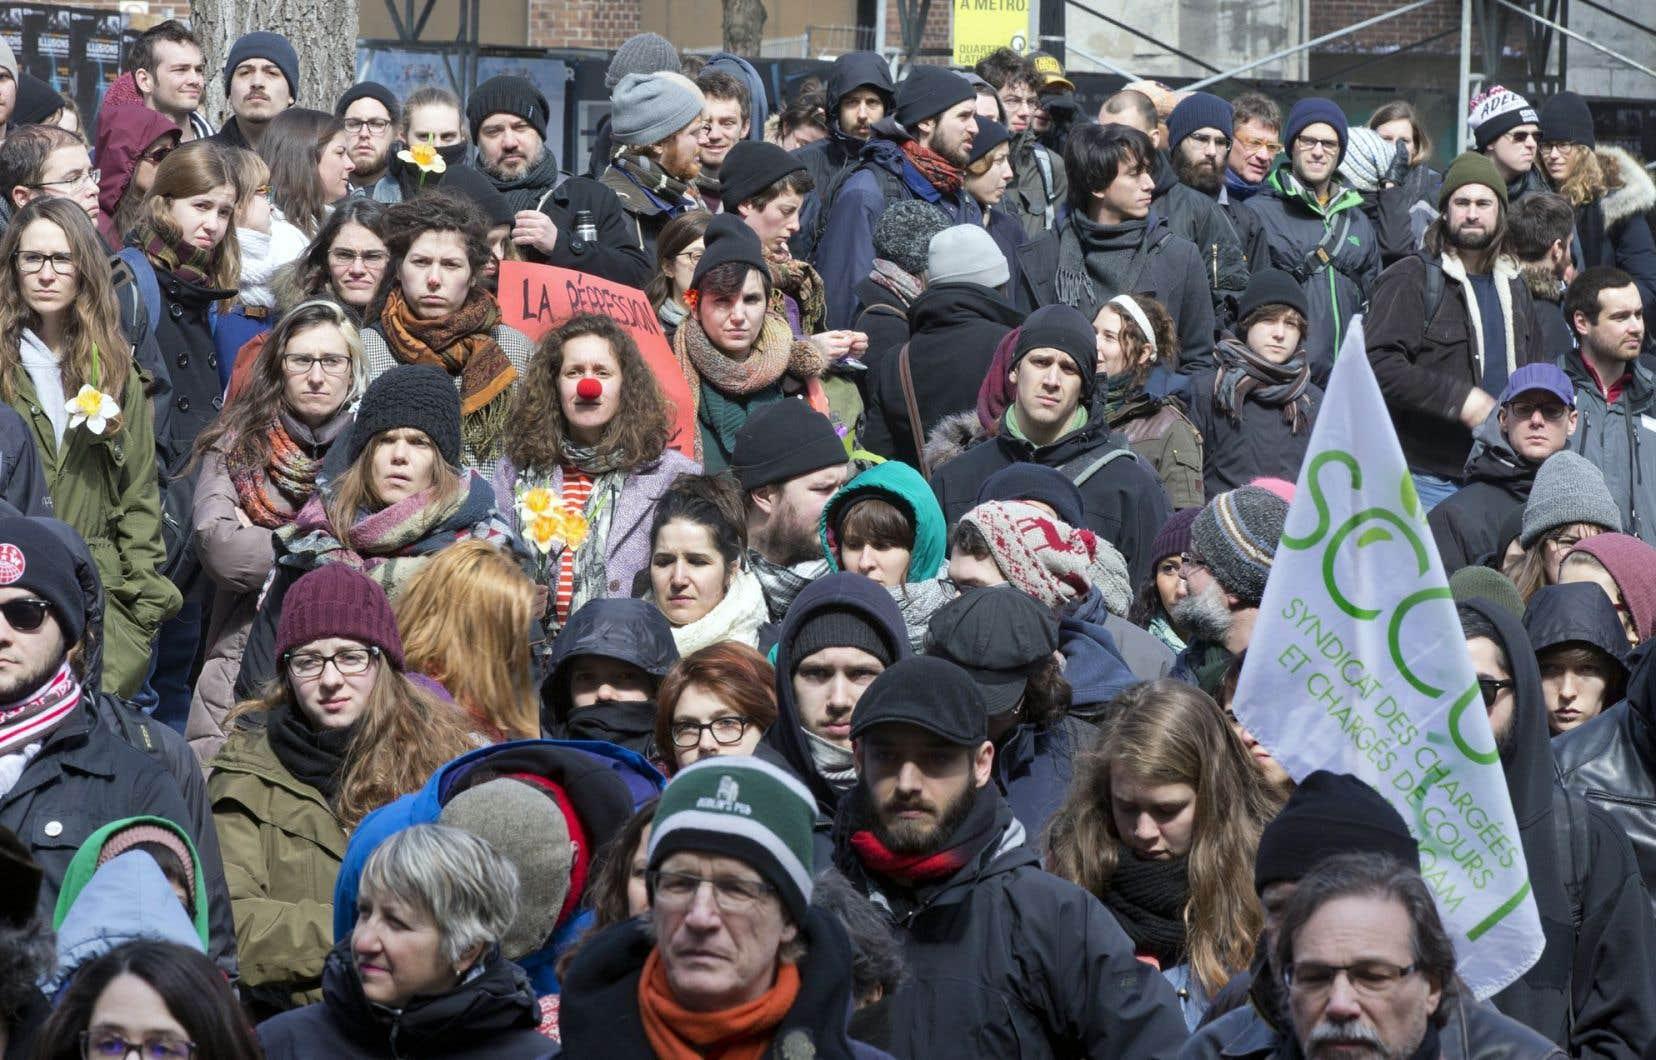 Même si certains soutiennent que le droit de grève des étudiants est dans un flou juridique, il est probable que certaines injonctions seront accordées.